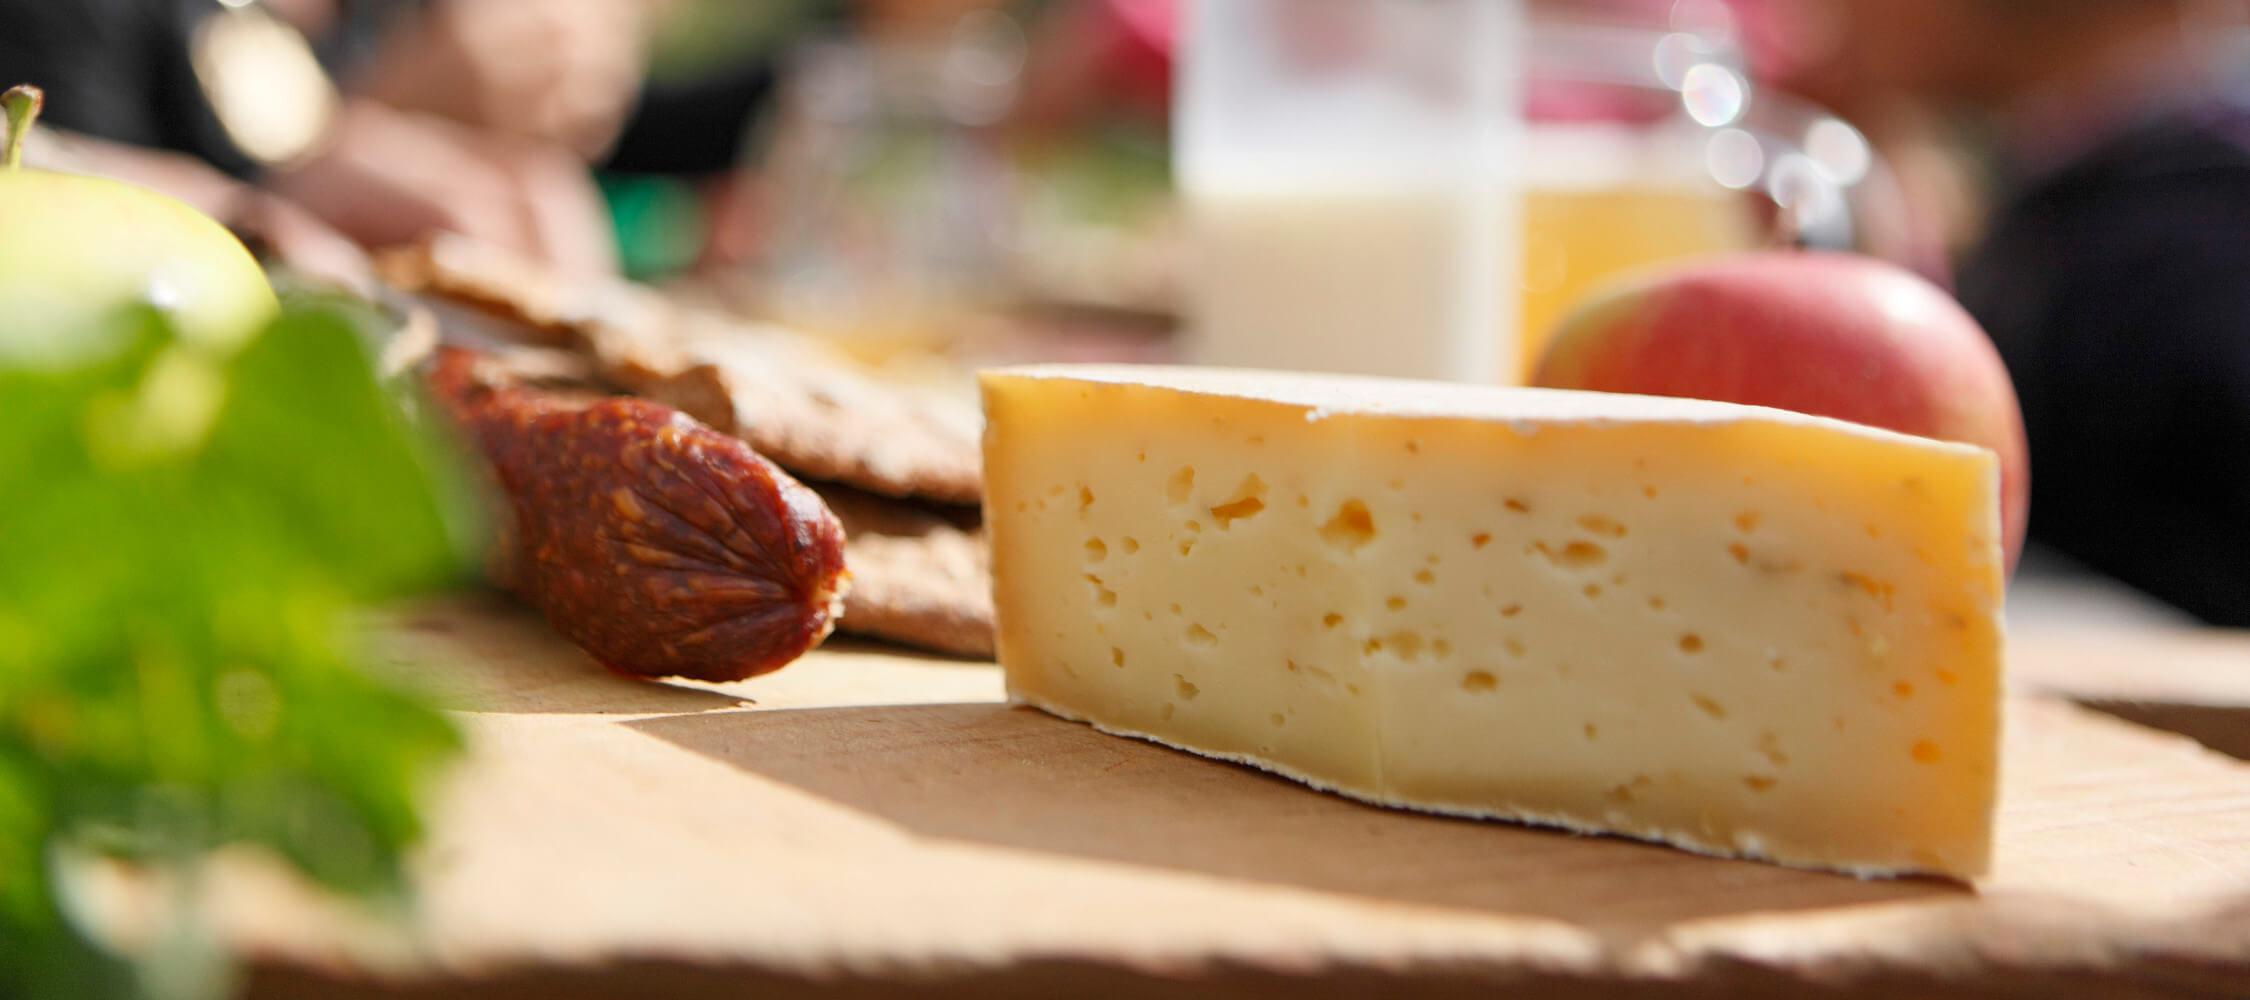 Italien-Trentino_Suedtirol_Alto_Adige_Merano_Meran_Produkte_Gastronomie_Einkaufen_Shopping_Merende_Kaese_MGM-Frieder-Blickle_mgm01467mgm_2250x1000